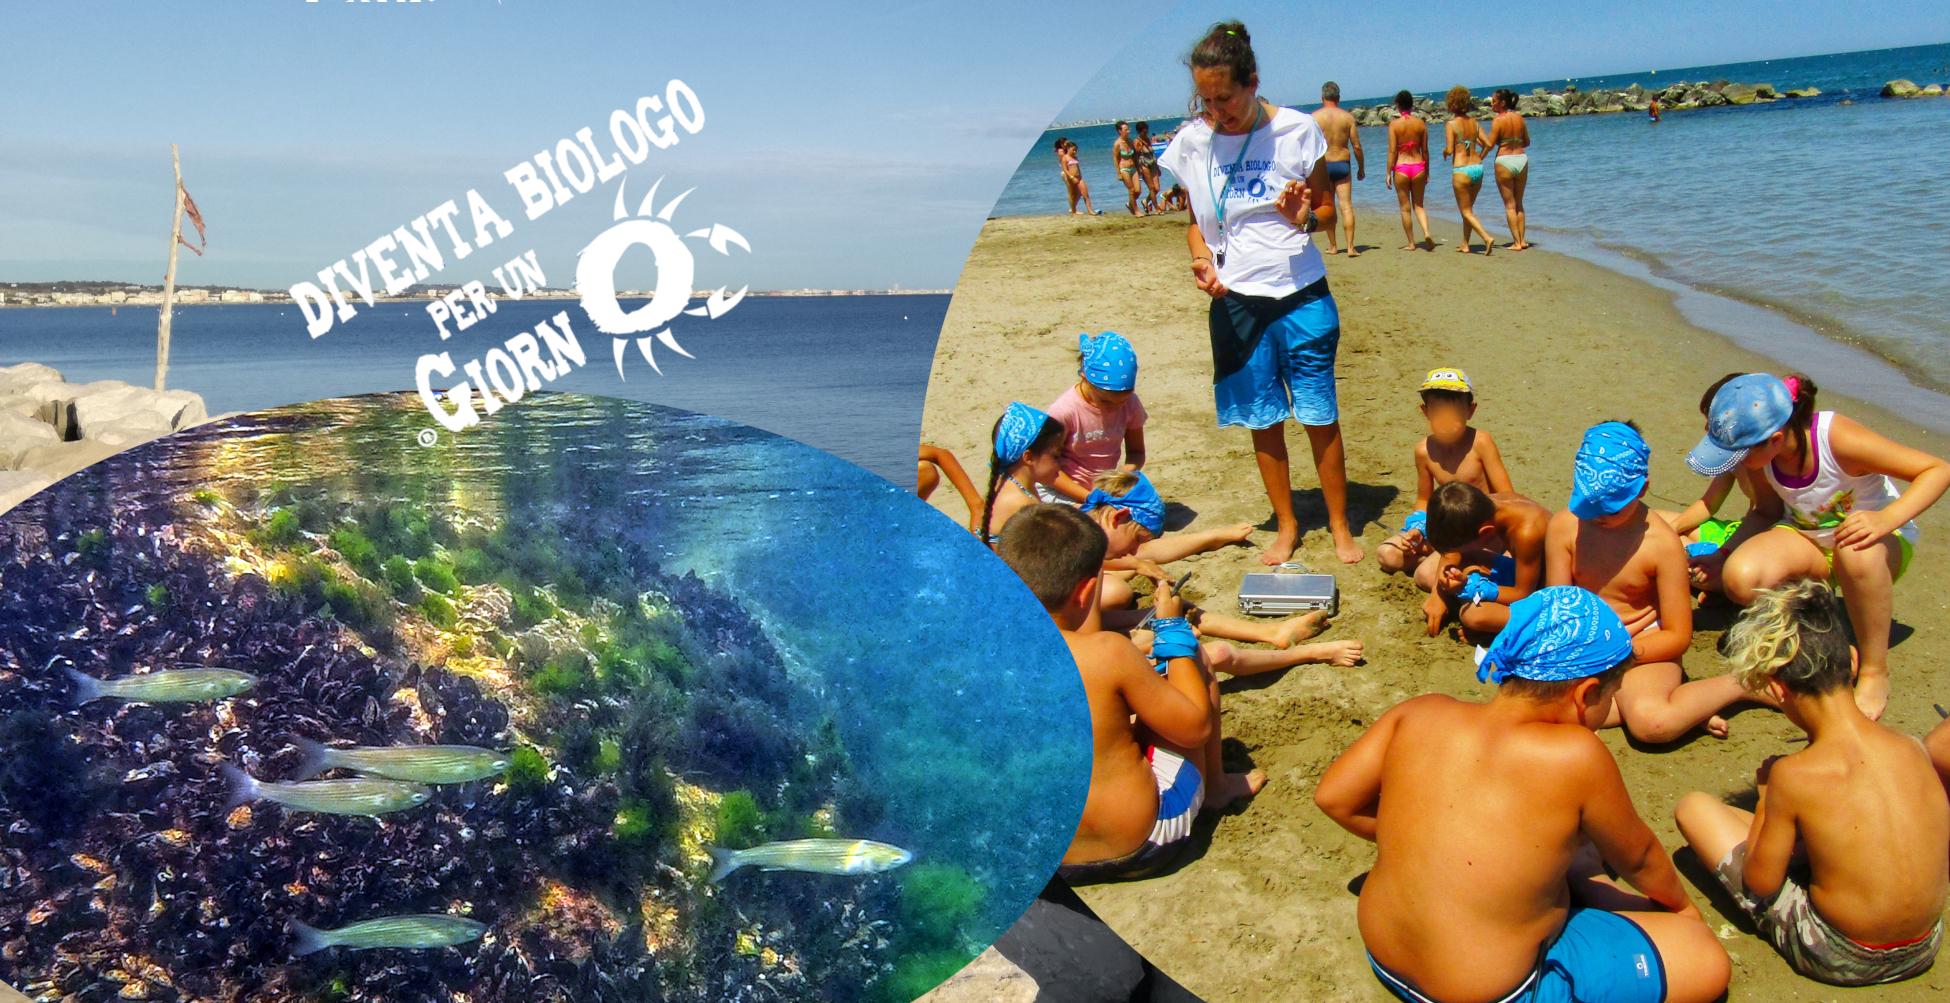 Camp di biologia marina